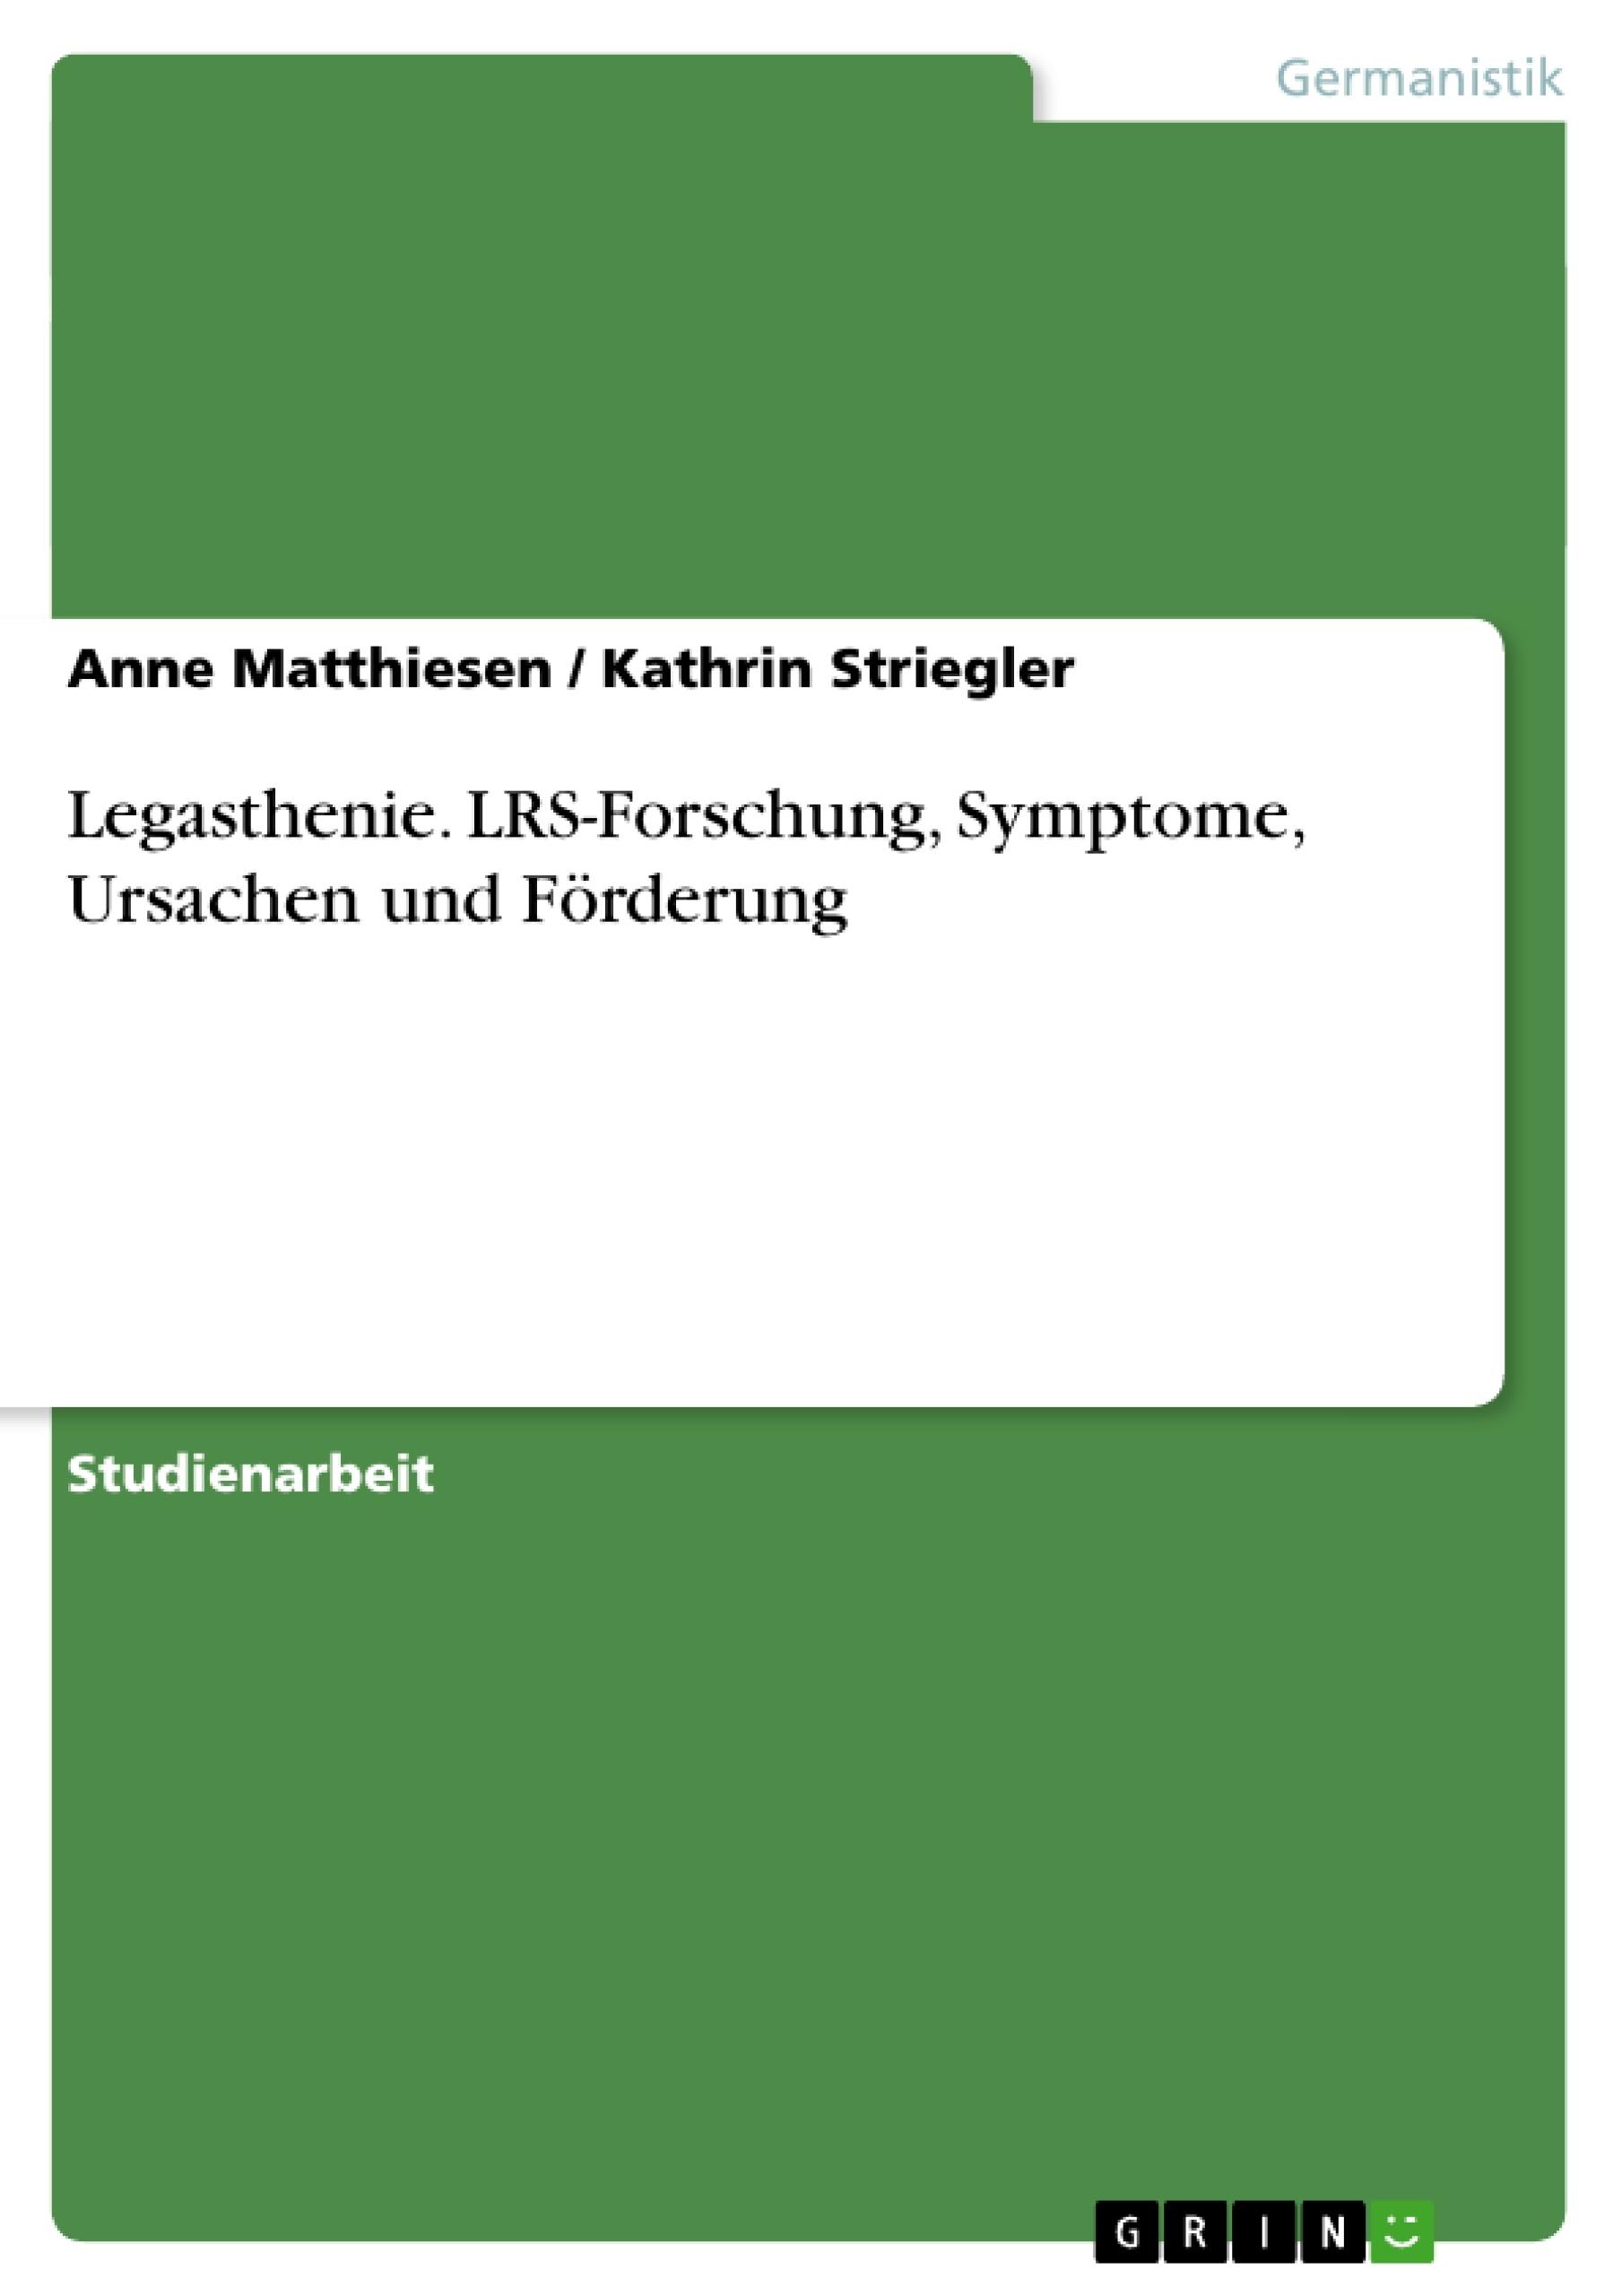 Titel: Legasthenie. LRS-Forschung, Symptome, Ursachen und Förderung